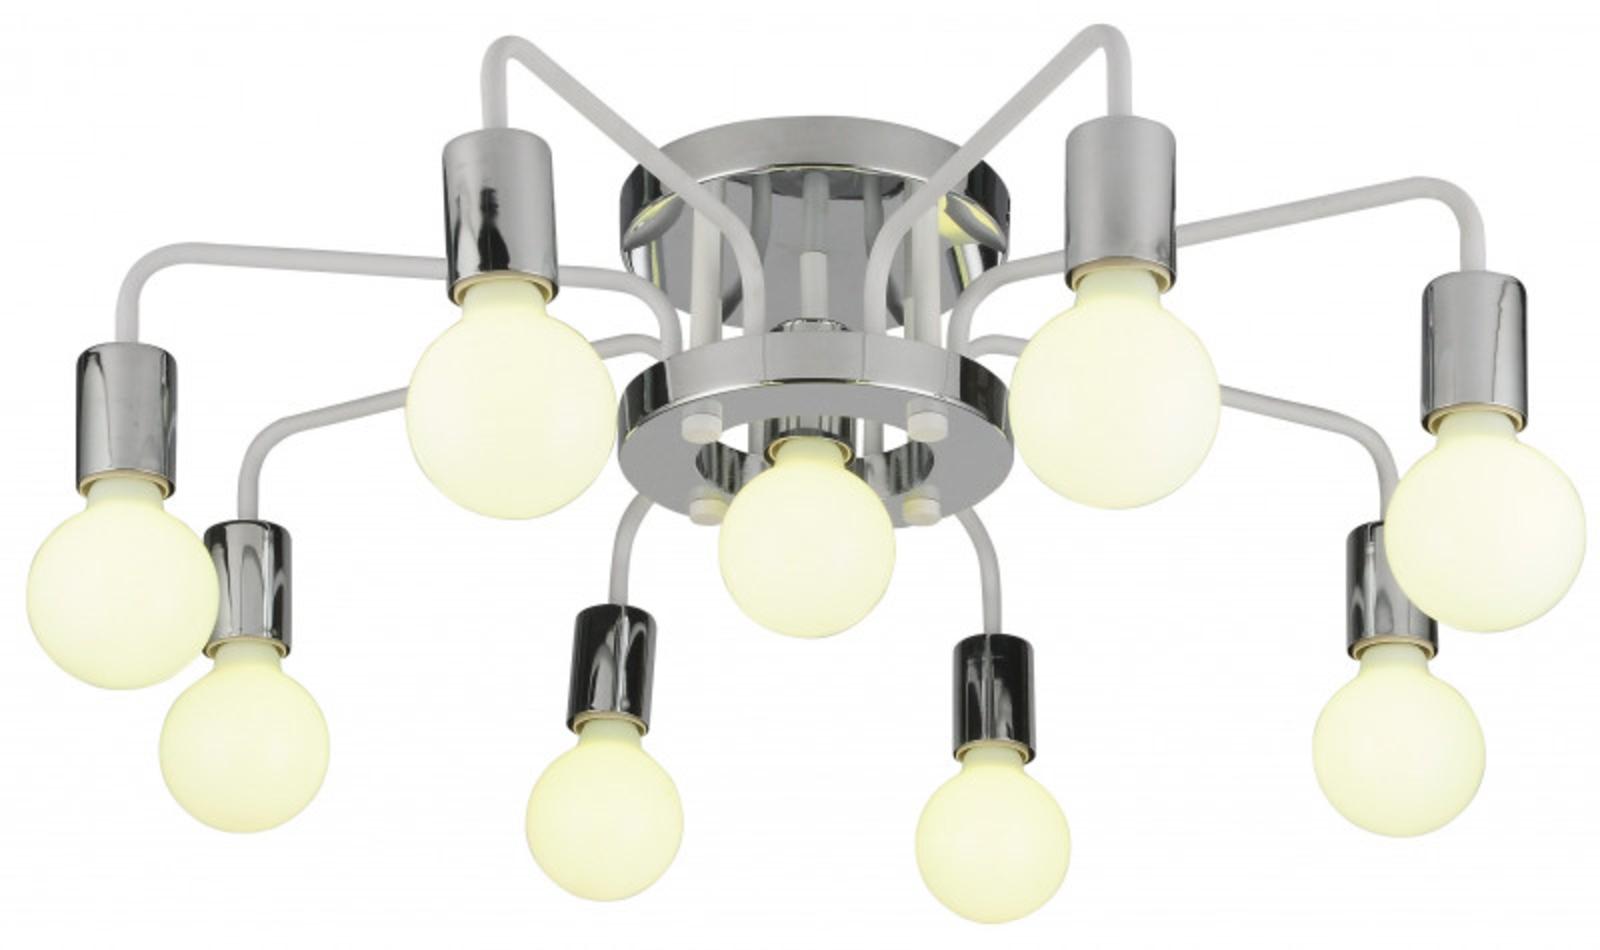 Купить Накладная люстра GELO Накладная люстра ARTE Lamp A6001PL-9WH (13762), HomeMe